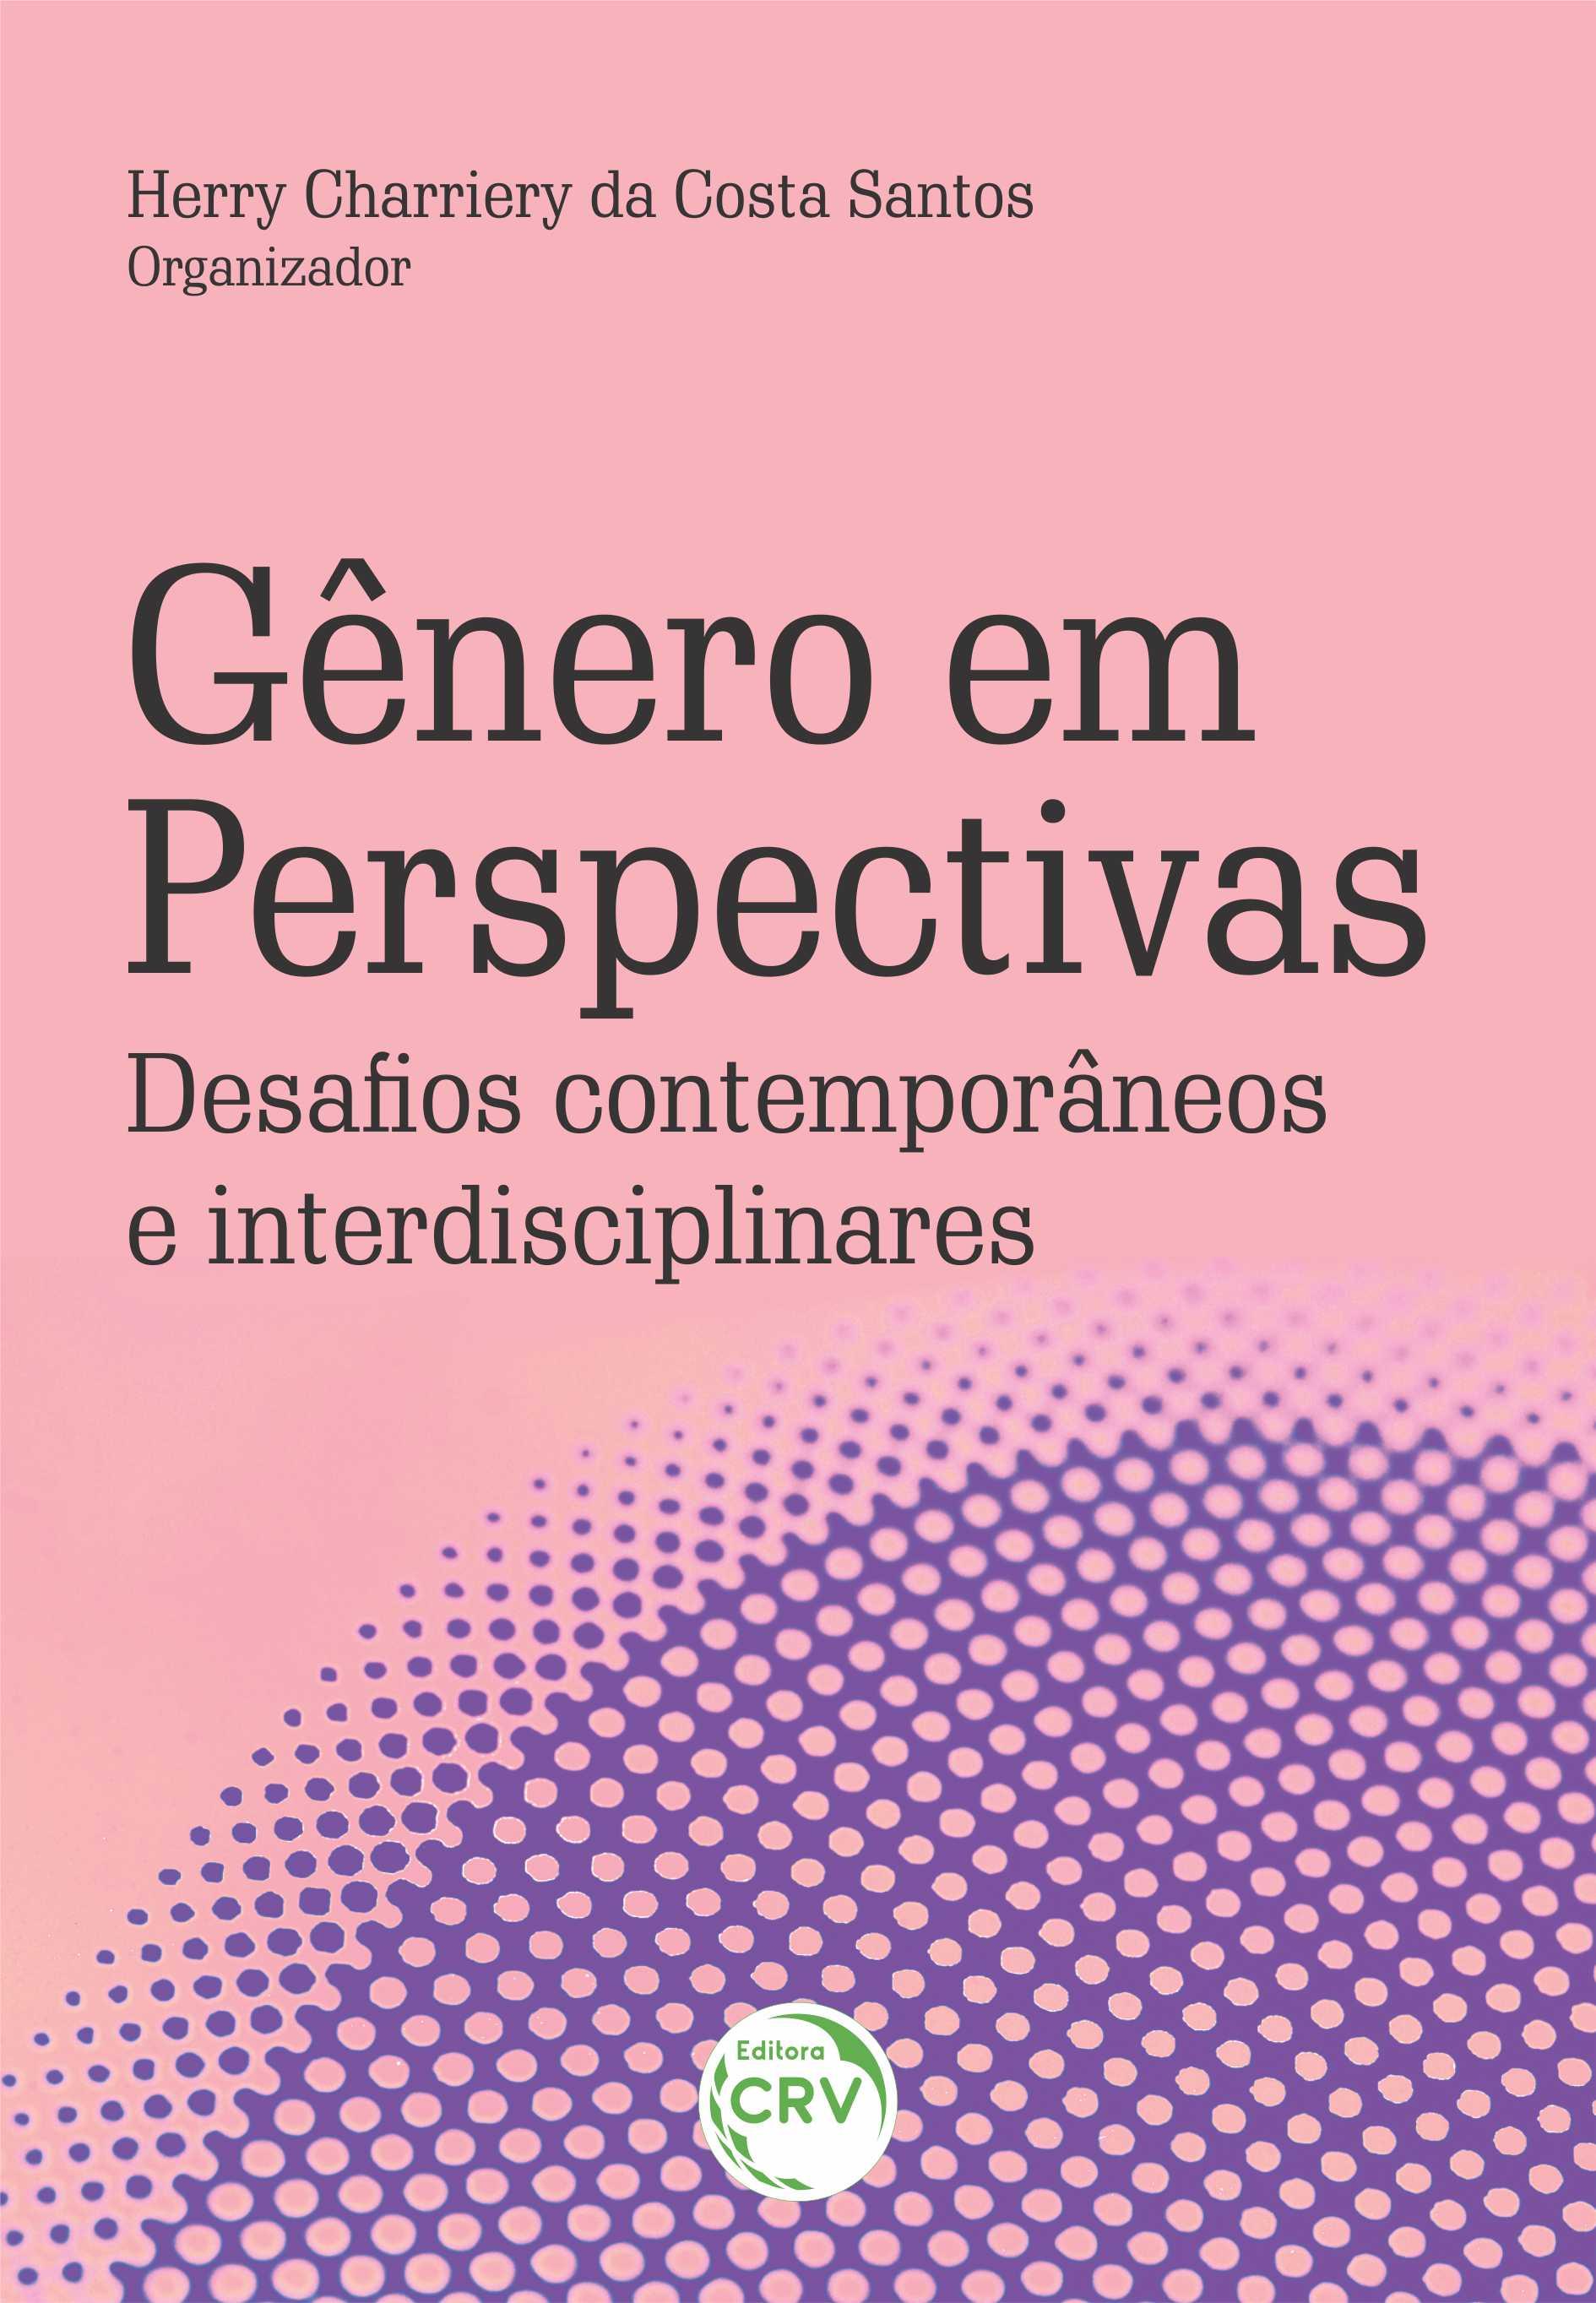 Capa do livro: GÊNERO EM PERSPECTIVAS: <BR>desafios contemporâneos e interdisciplinares